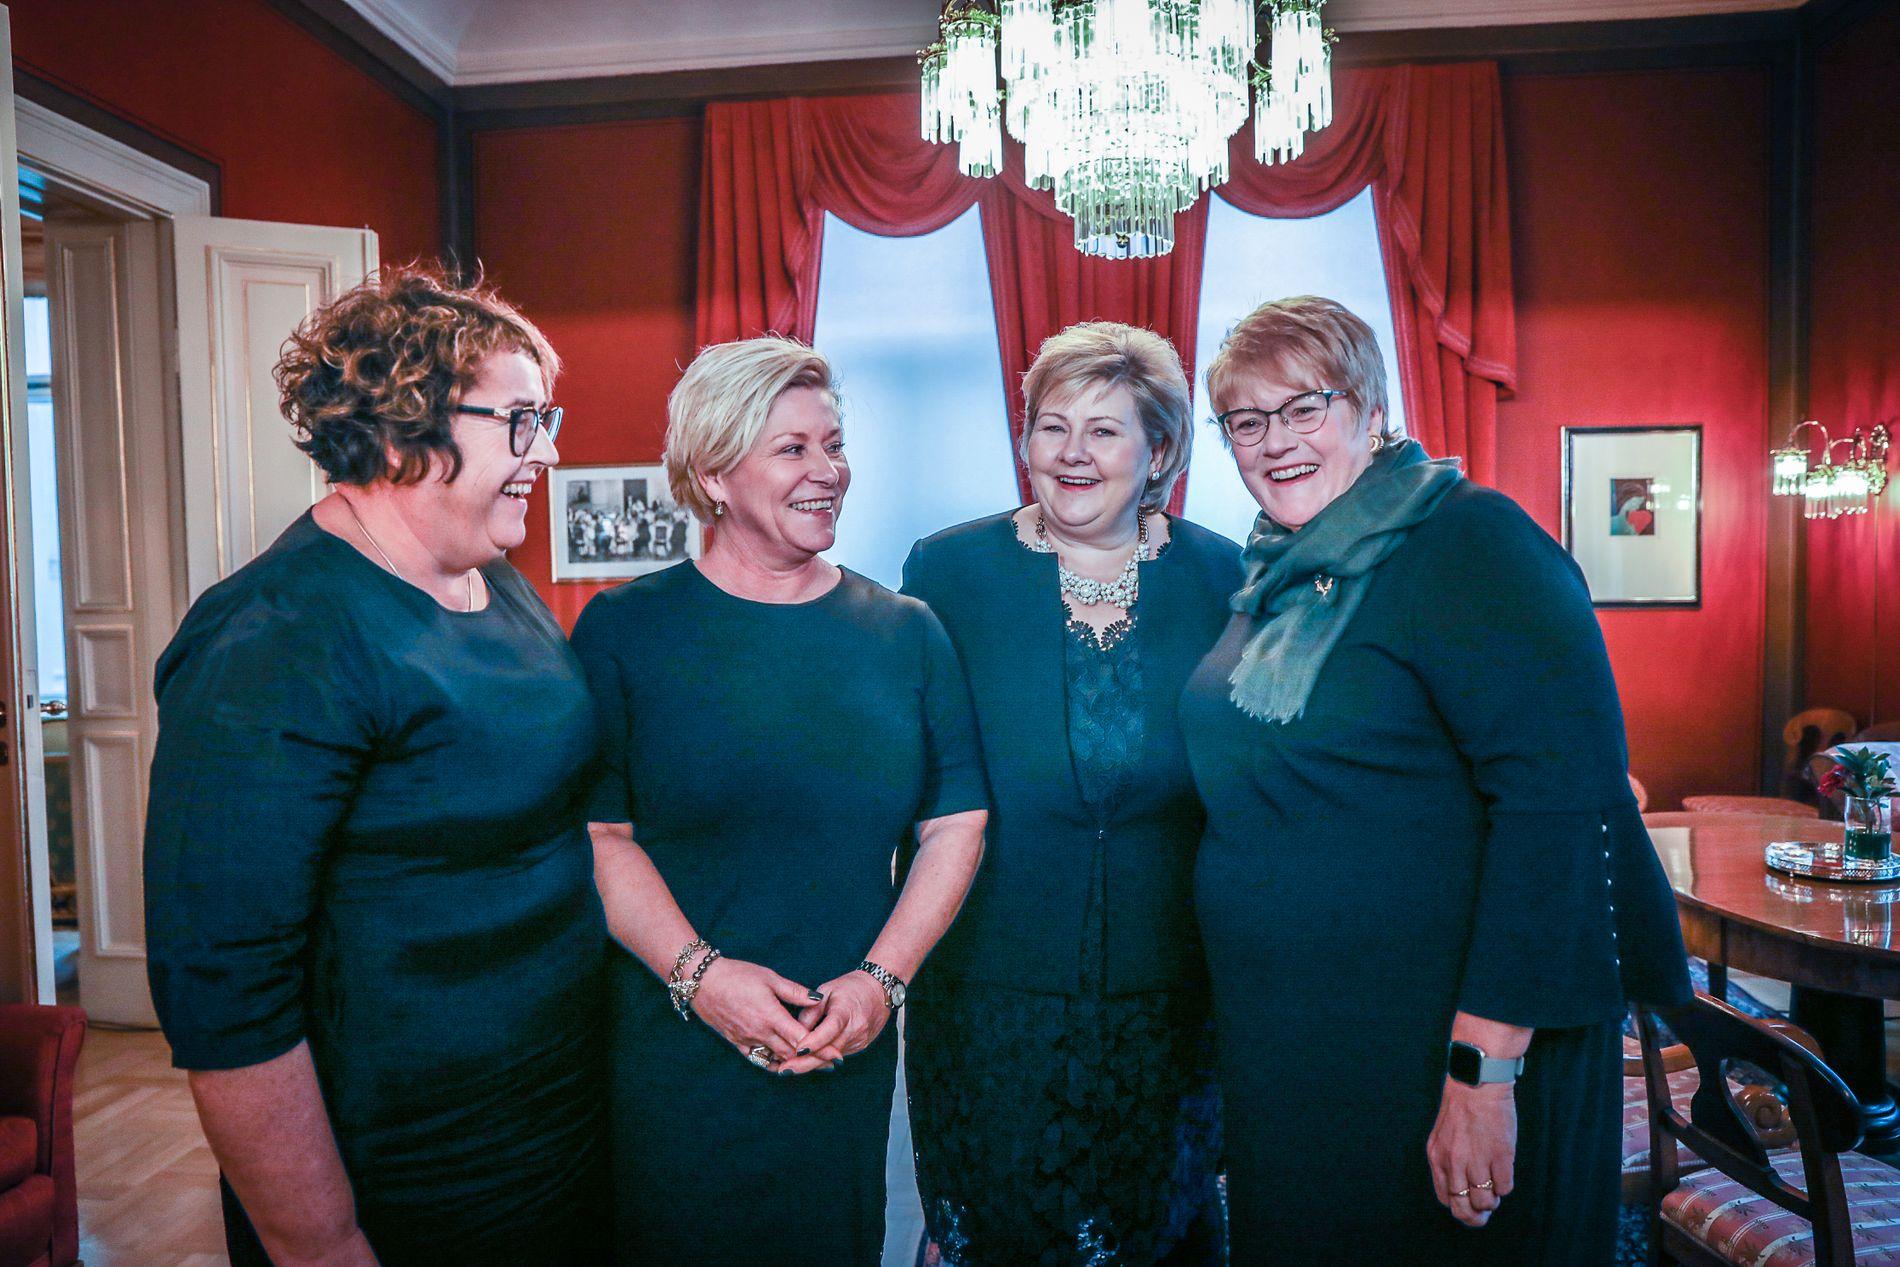 FORNØYDE: Statsminister Erna Solberg var i godt humør da hun presenterte den nye flertallsregjeringen i dag som blir ledet av fire kvinnelige partiledere.